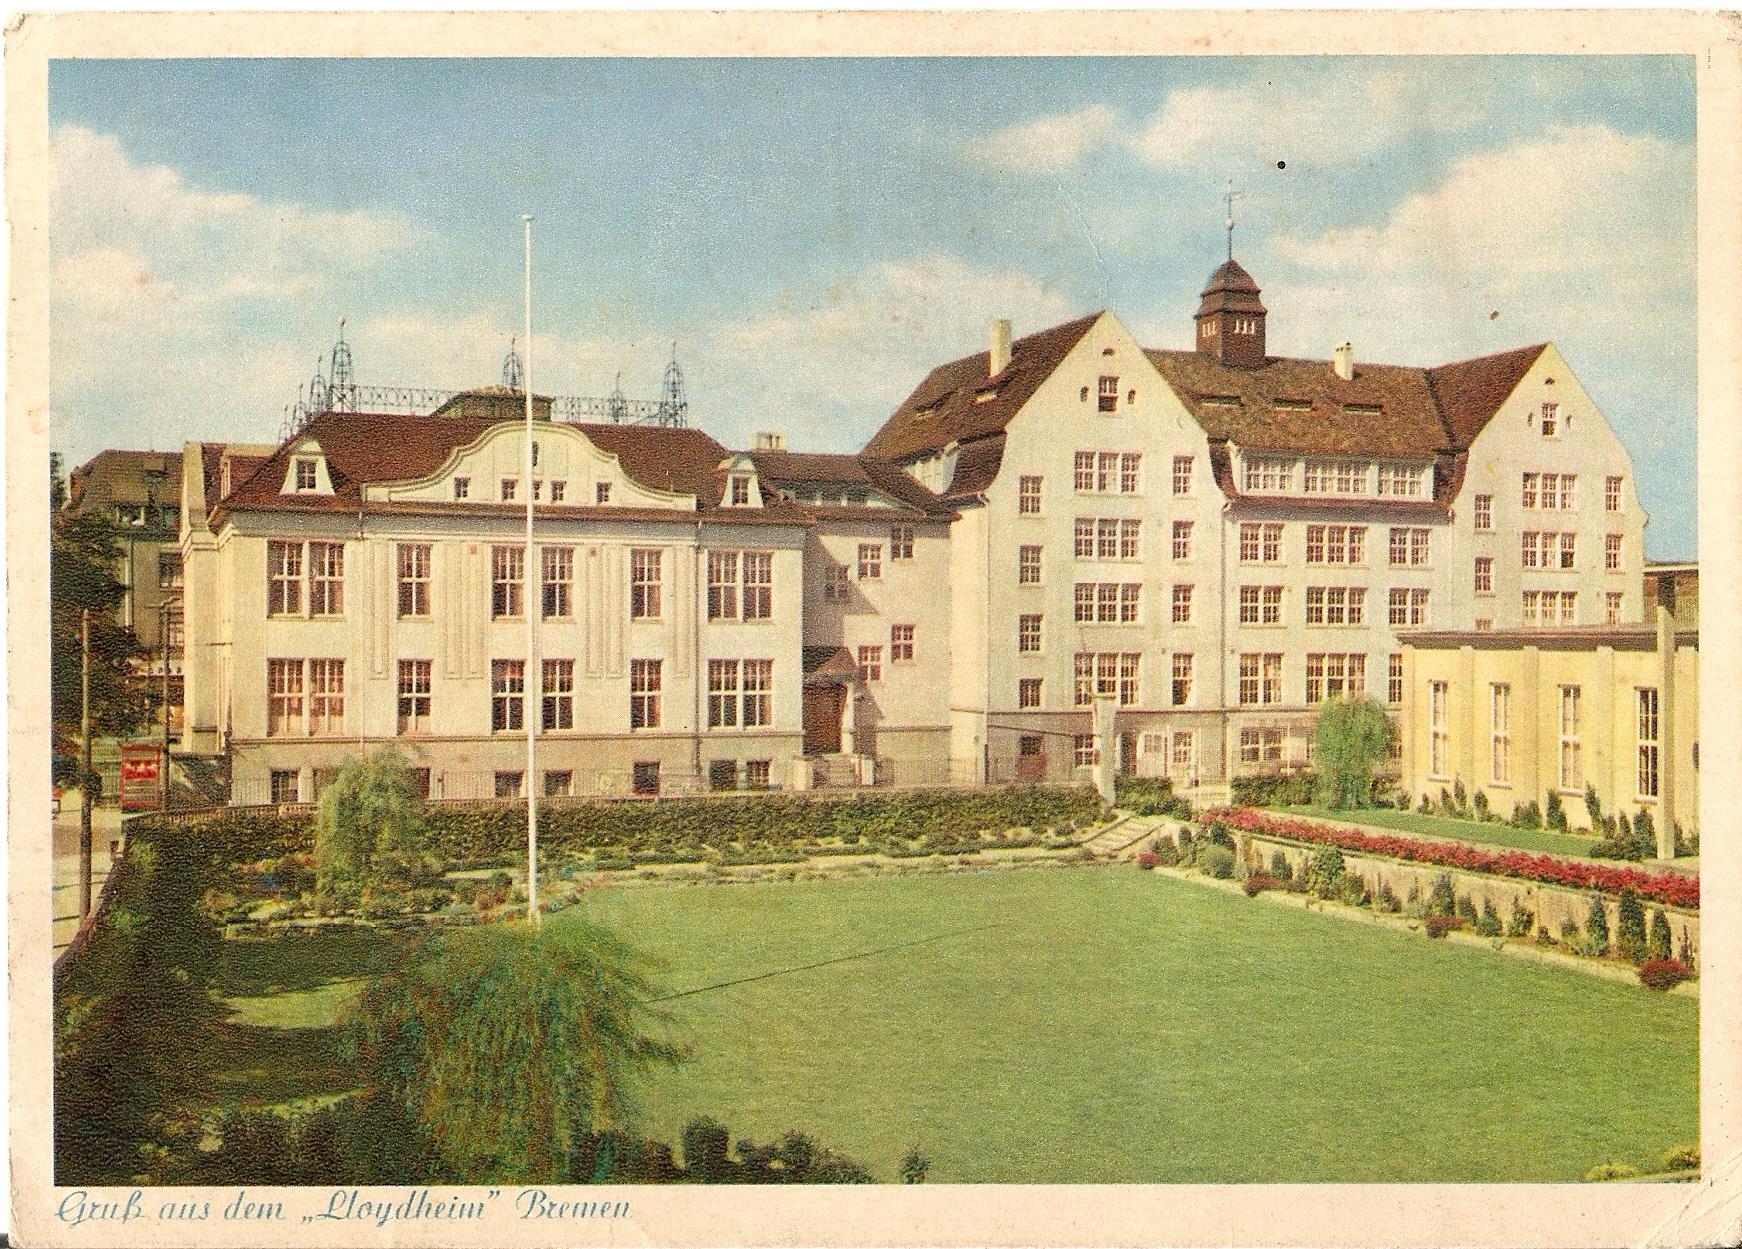 Dieses Bild zeigt eine Postkarte mit